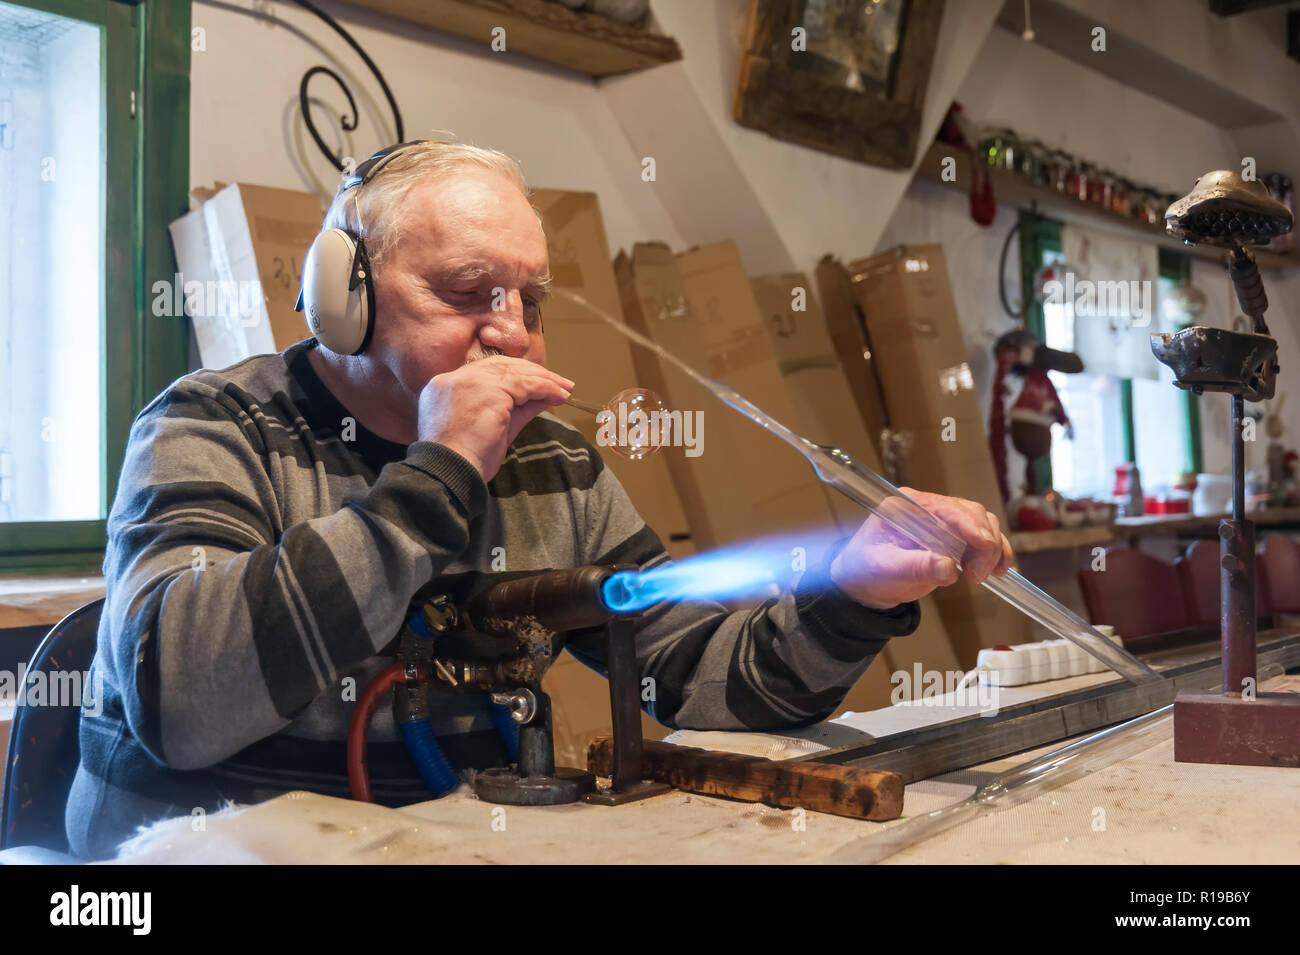 Christbaumkugeln Polen.Qualifizierte Glasbläser Formt Christbaumkugeln Workshop Wo